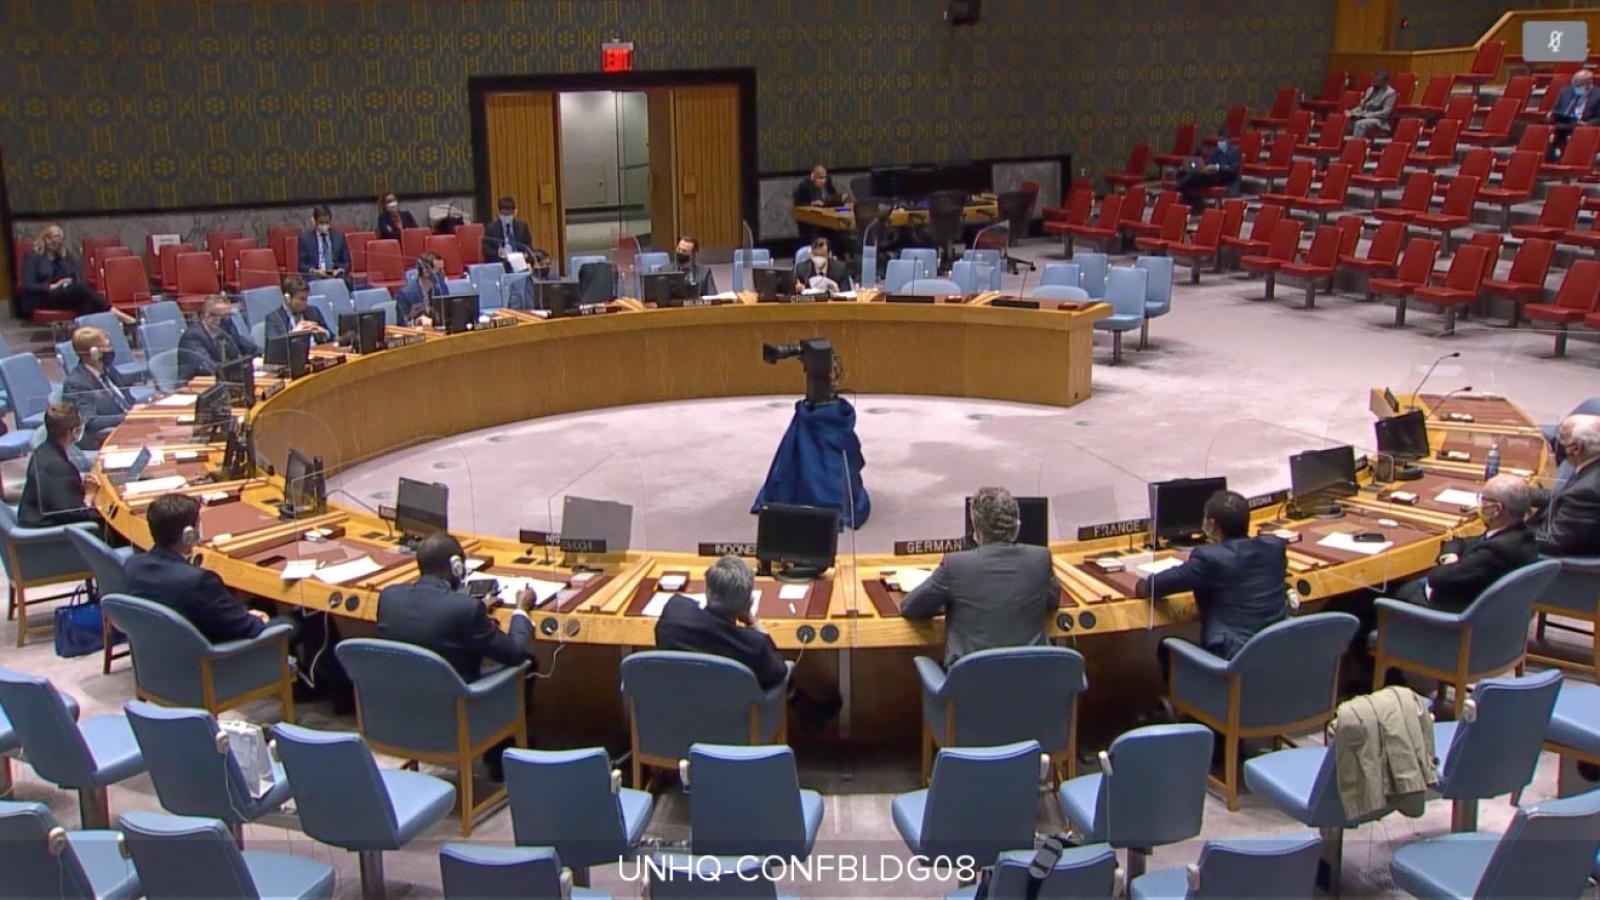 Hội đồng Bảo an LHQ họp bàn về tình hình Lebanon và Mali